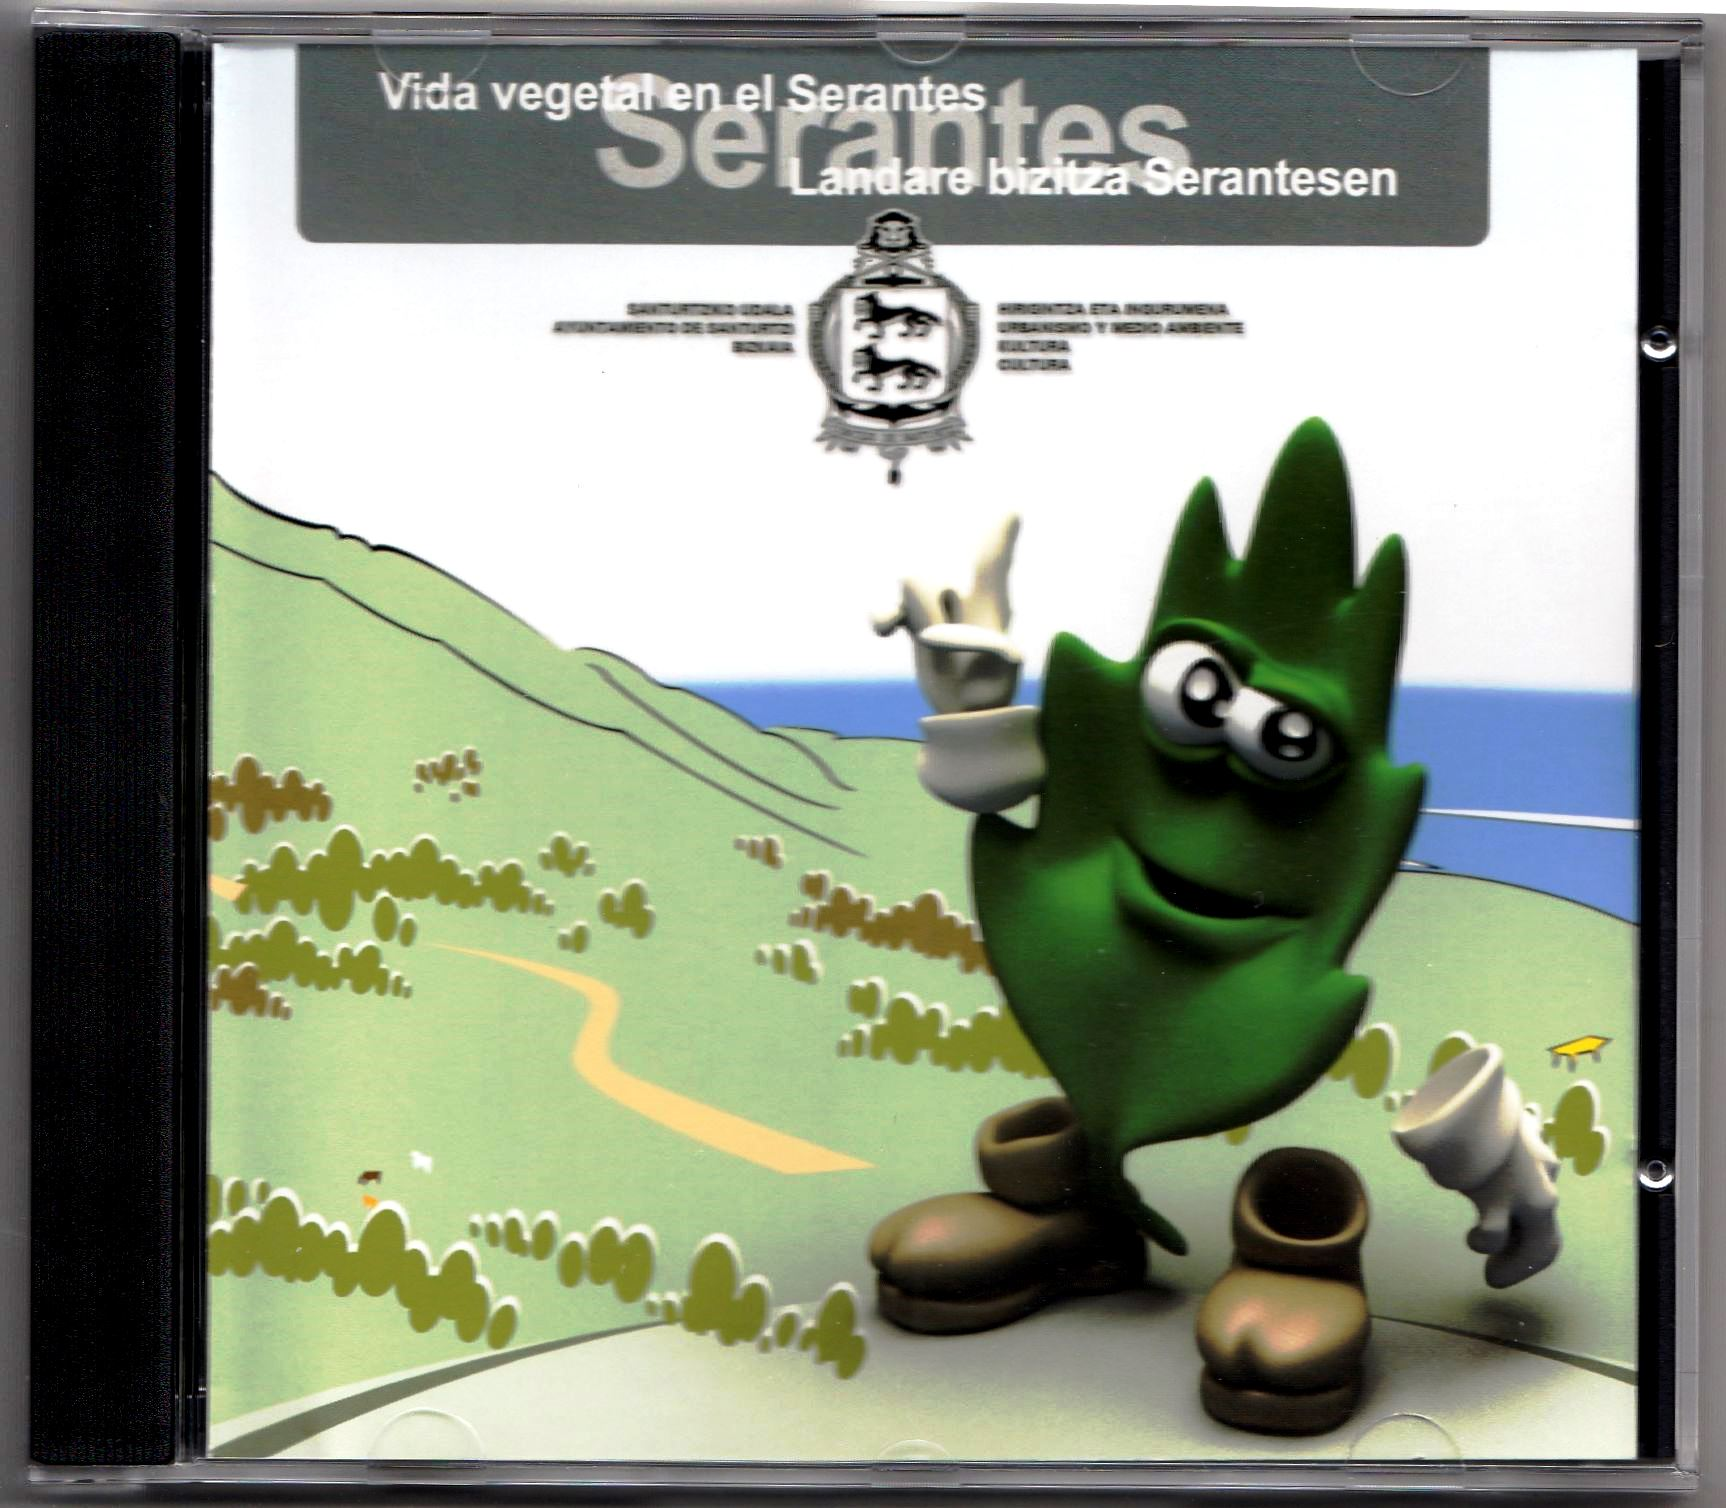 cd-vida-vegetal-en-el-serantes